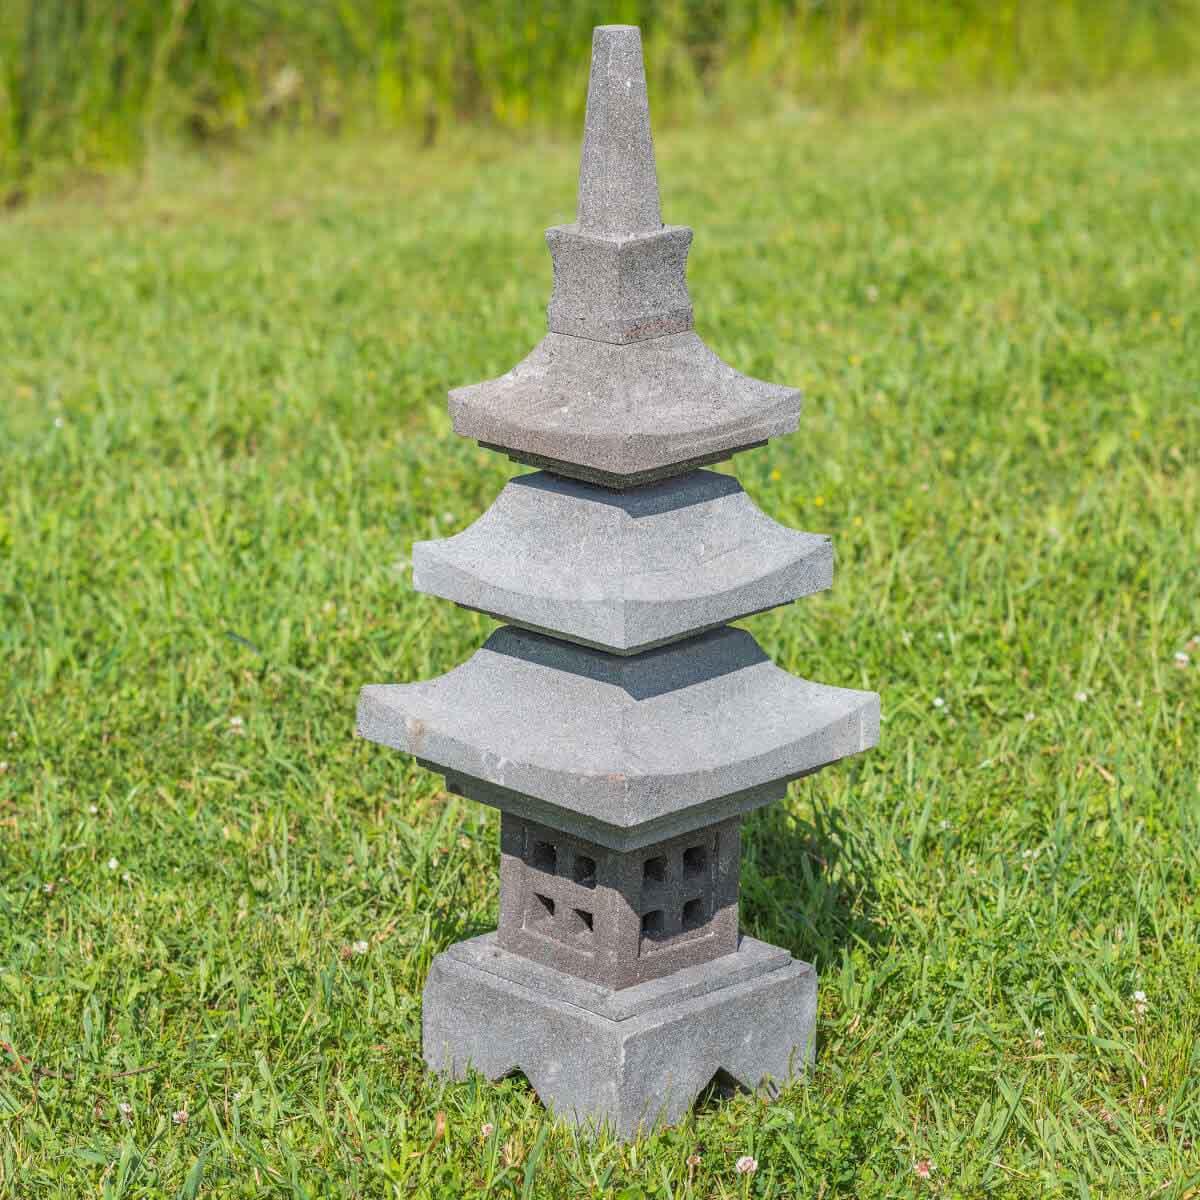 Lampe de jardin en pierre de lave naturel h 90 cm - Table de jardin en pierre de lave ...